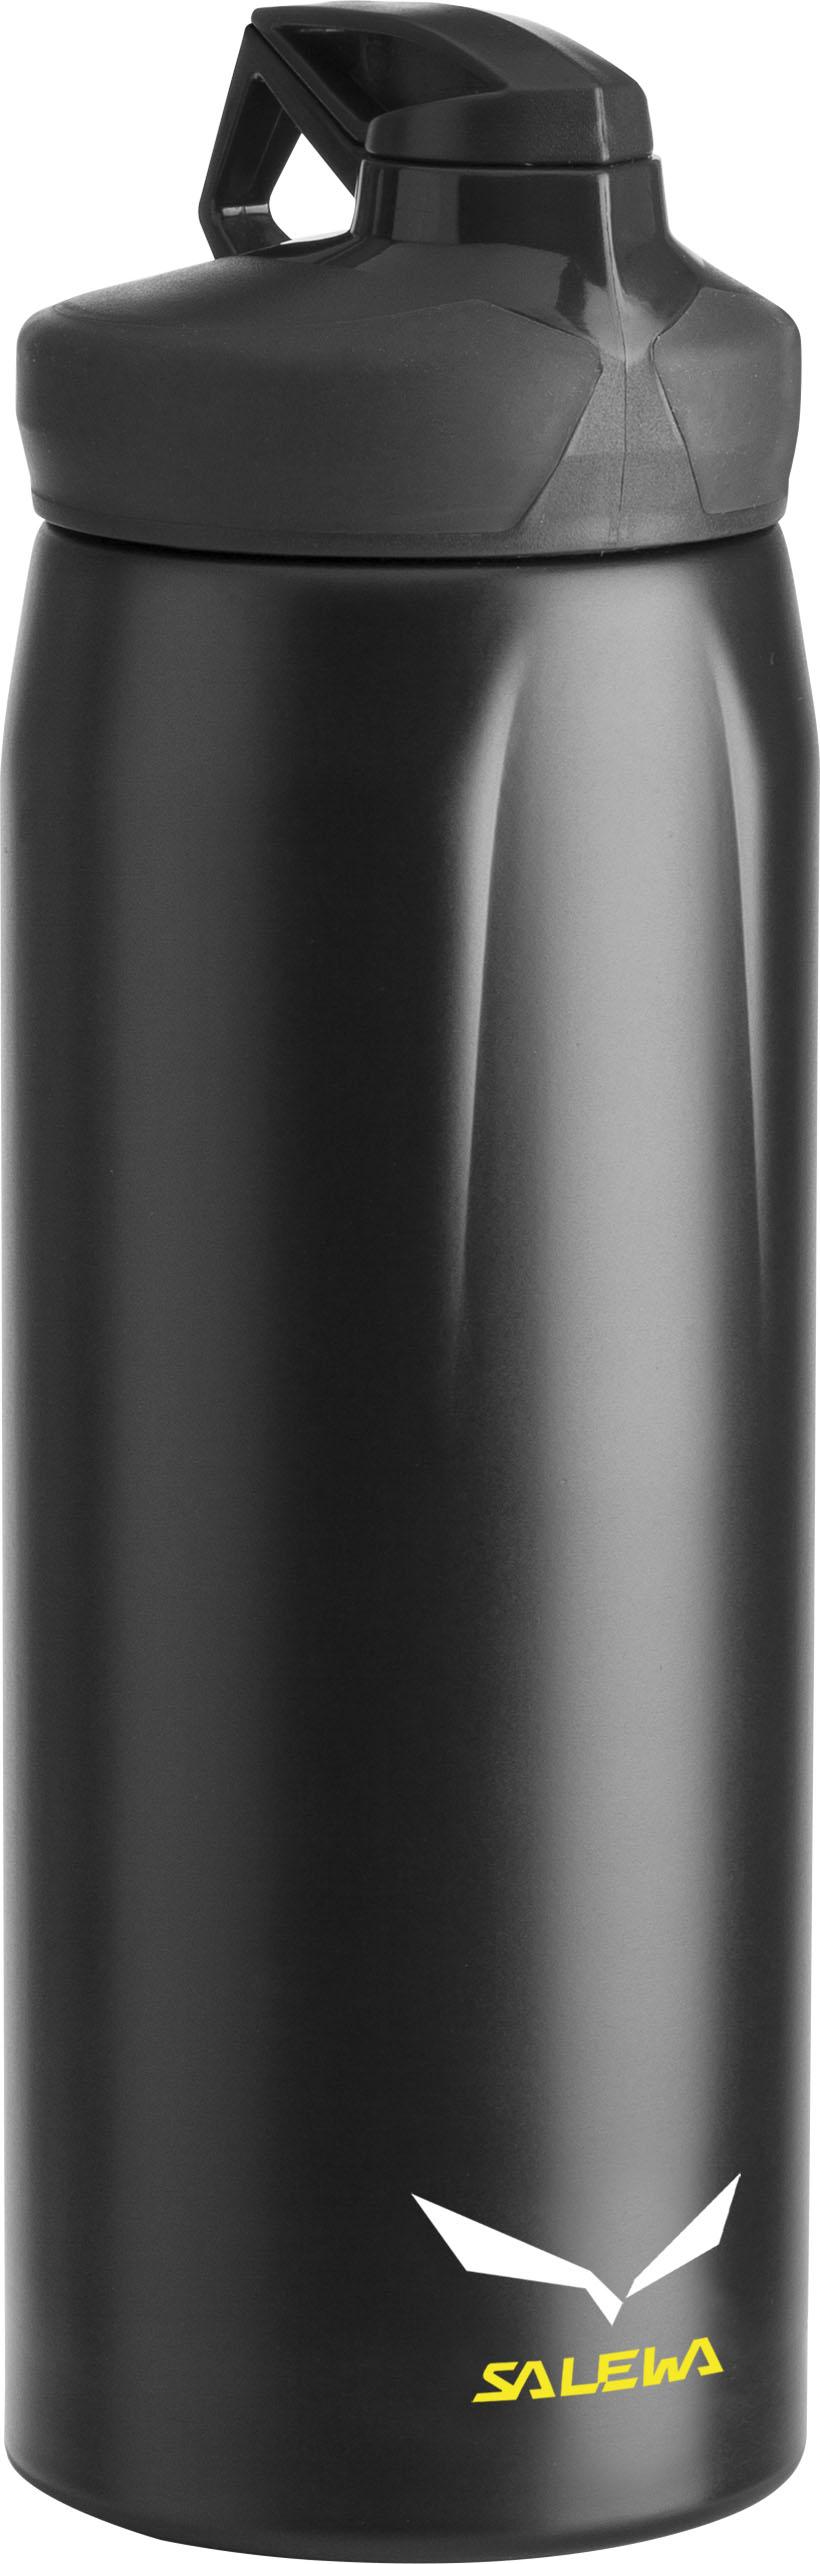 Фляга Salewa Bottles HIKER BOTTLE 0,75 L BLACK / - артикул: 715650170